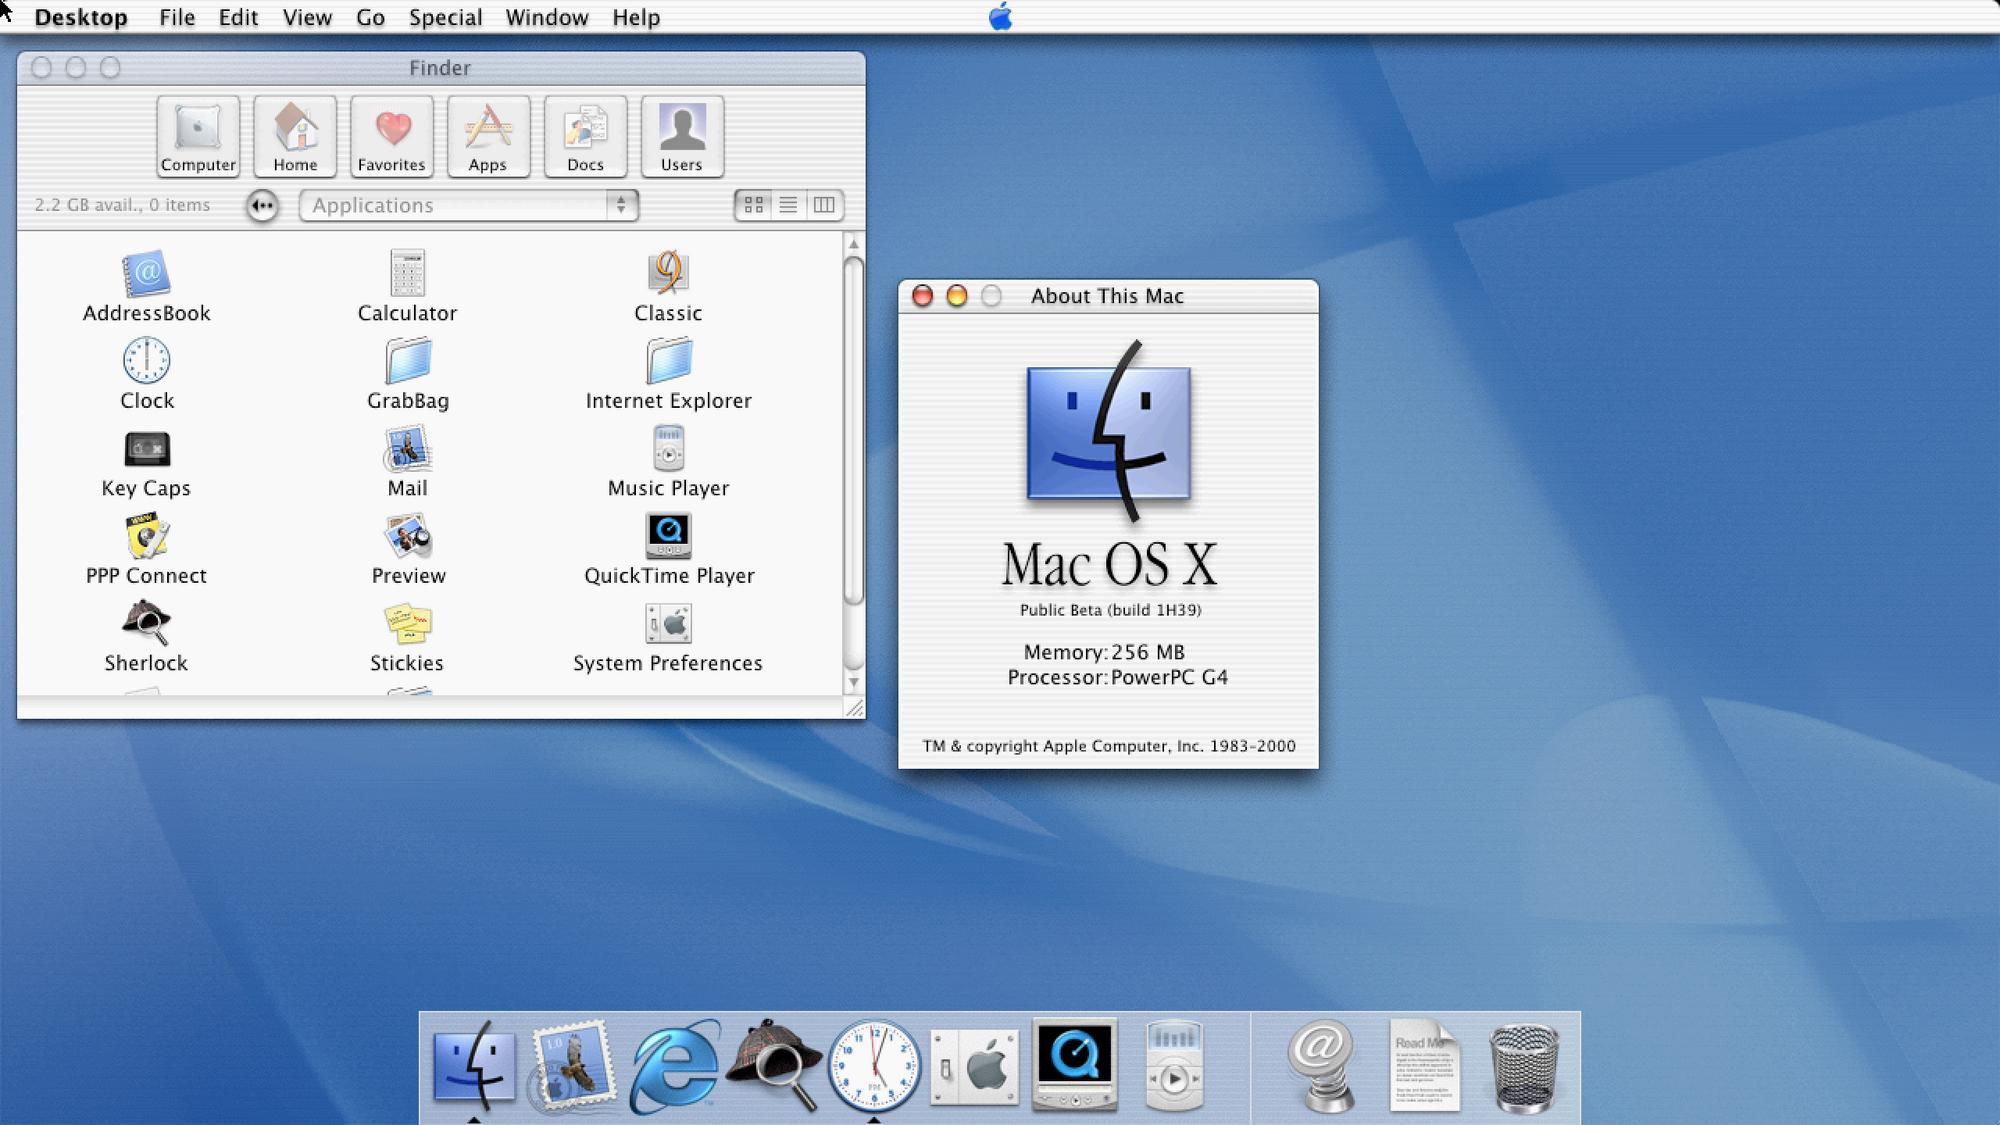 Mac OS X Public Beta | Apple Wiki | FANDOM powered by Wikia